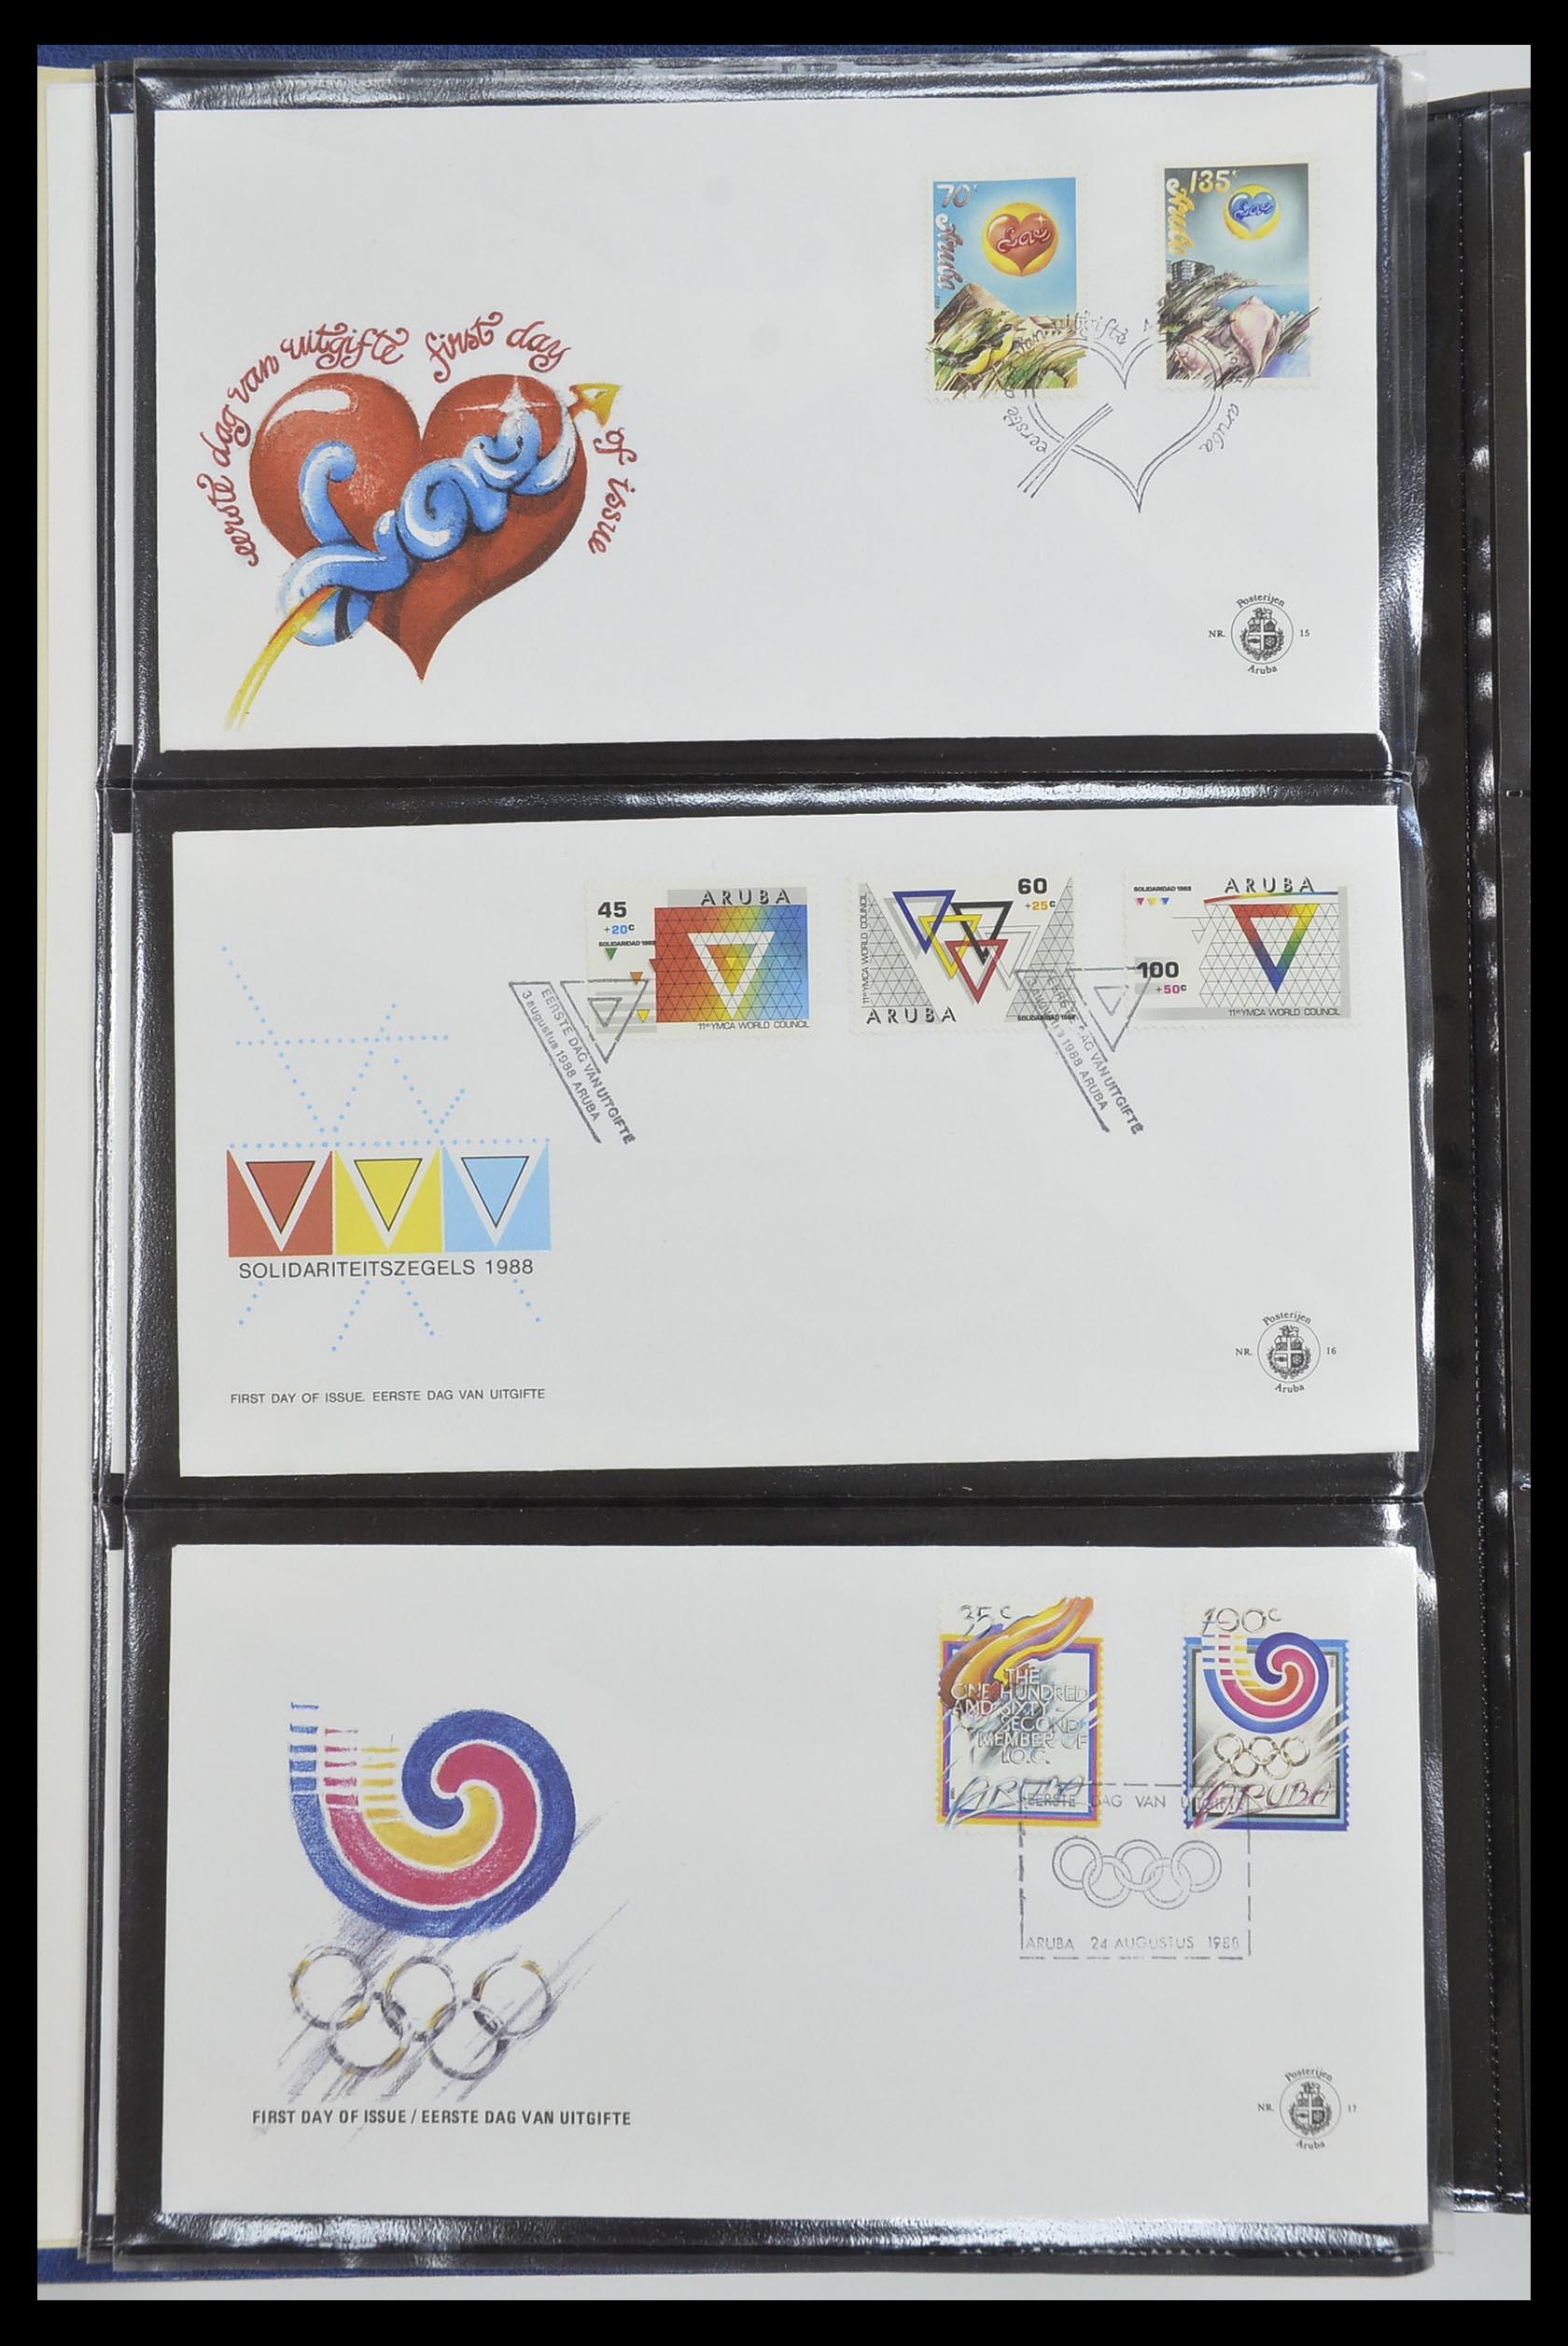 33585 006 - Postzegelverzameling 33585 Aruba FDC's 1986-2006.